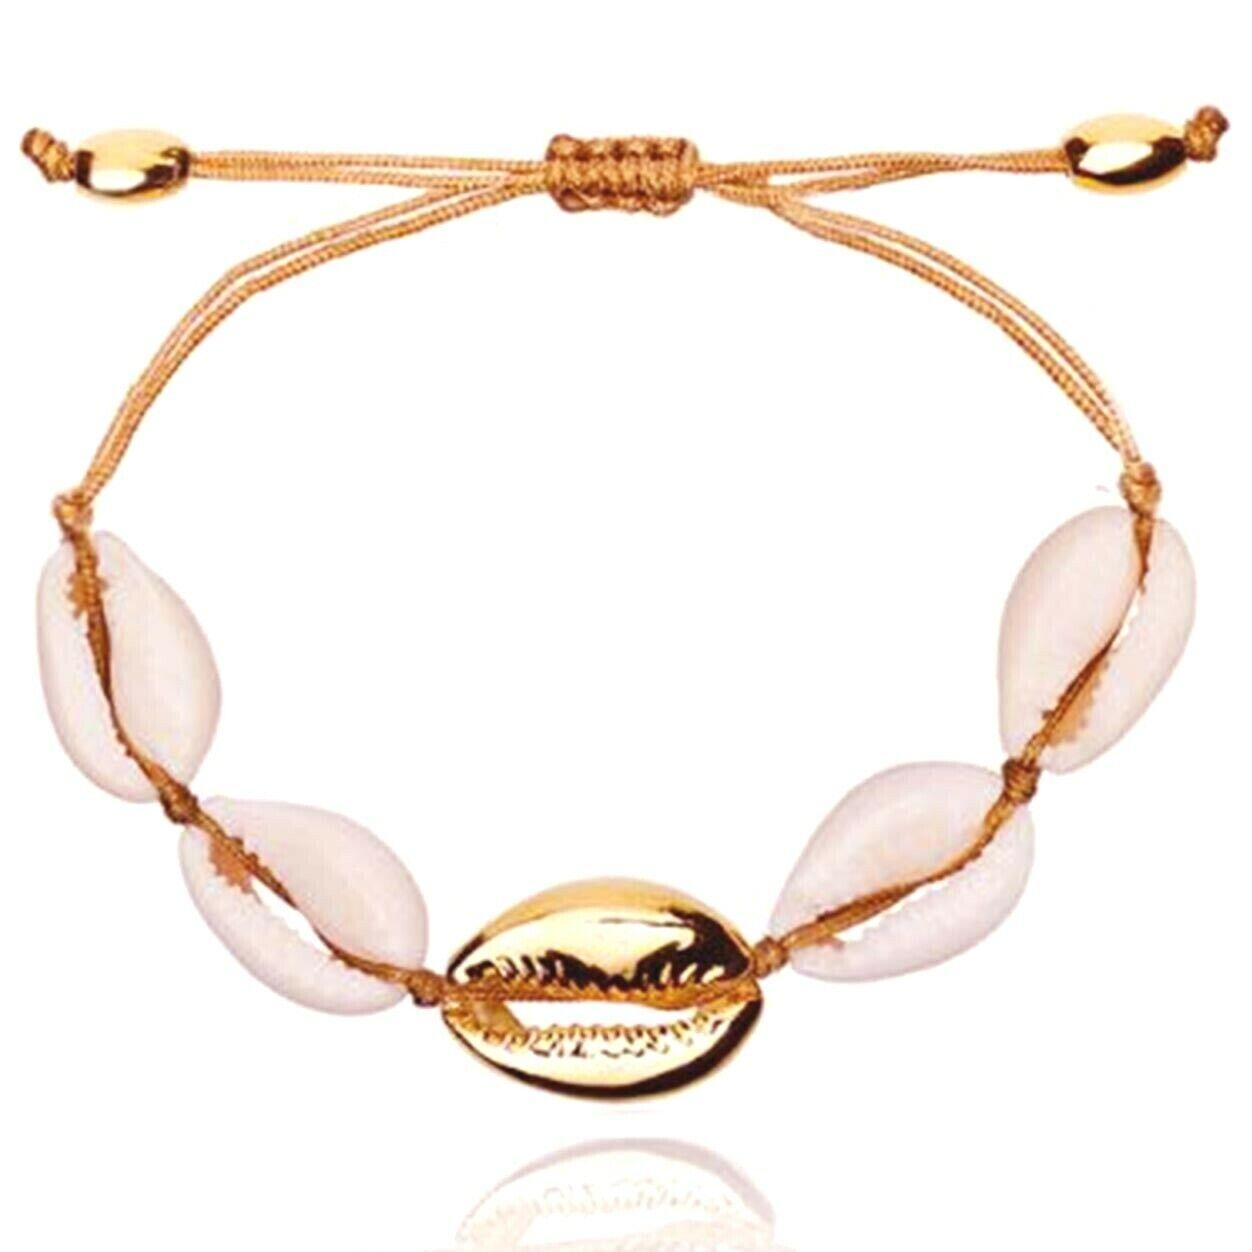 Muschel Armband Armreif Rosegold Shell Boho Blogger Sommer Silber Gold Festival